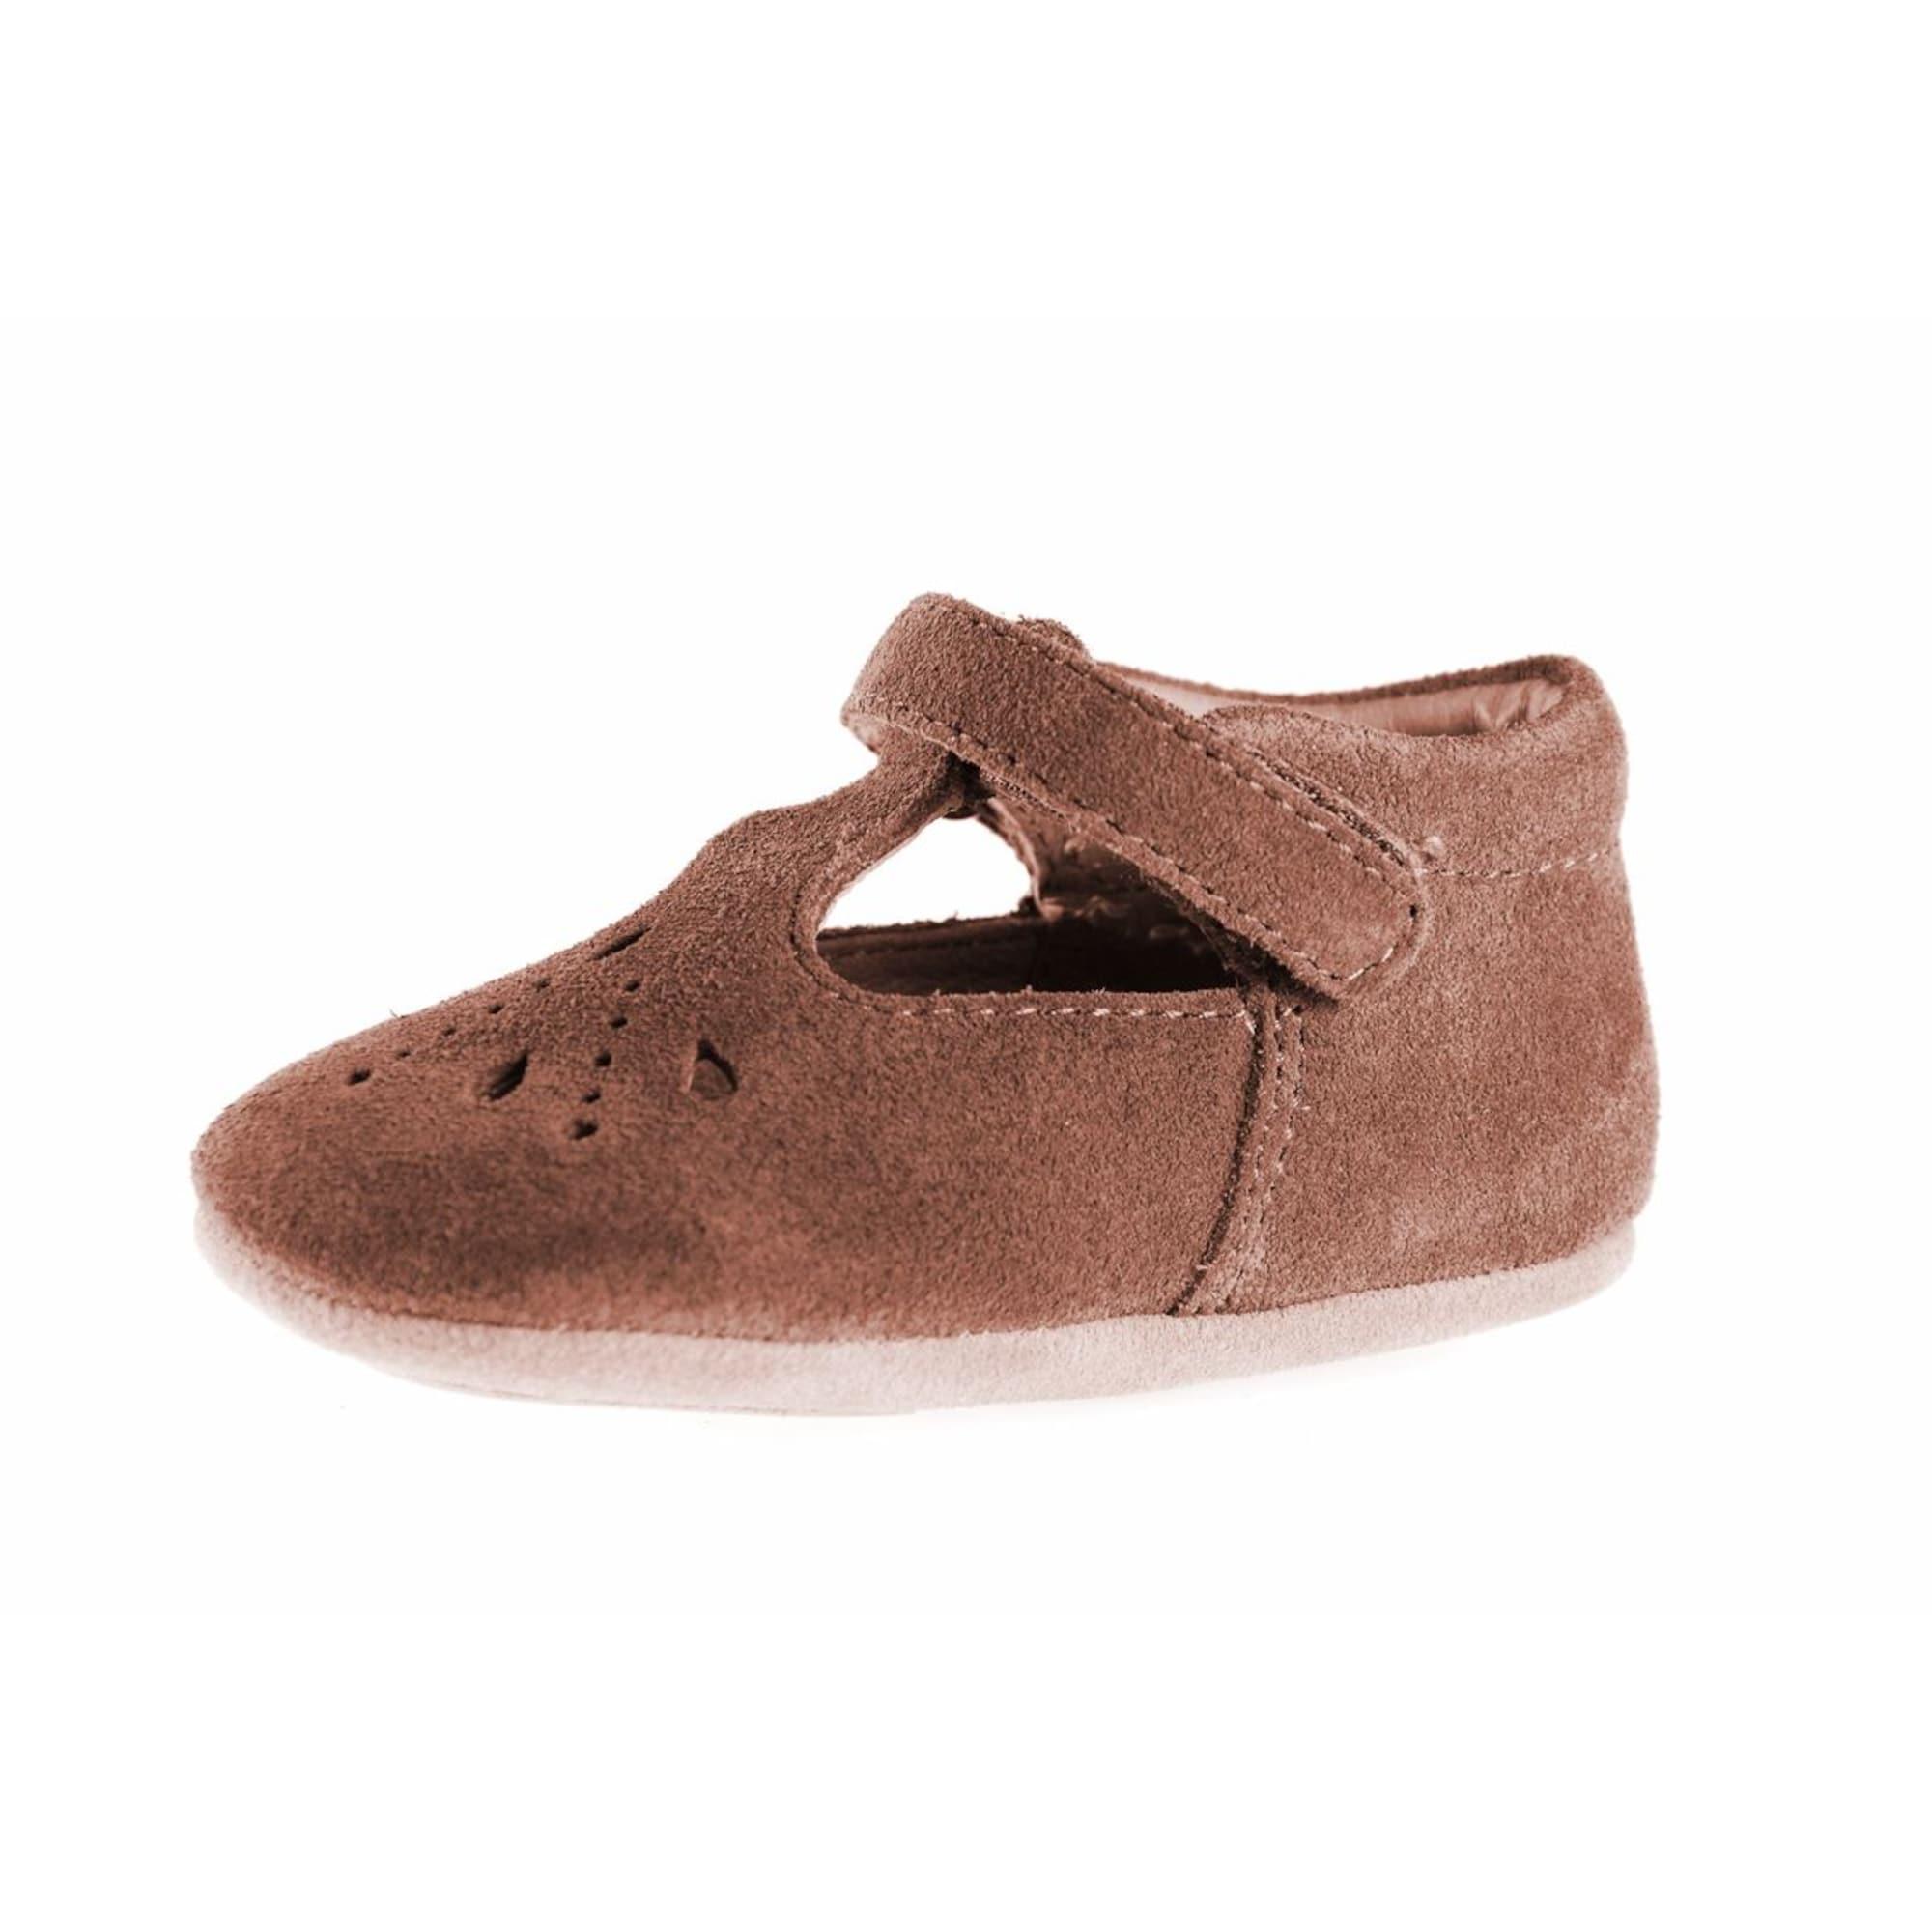 BISGAARD Pirmieji vaiko vaikščiojimo bateliai ruda